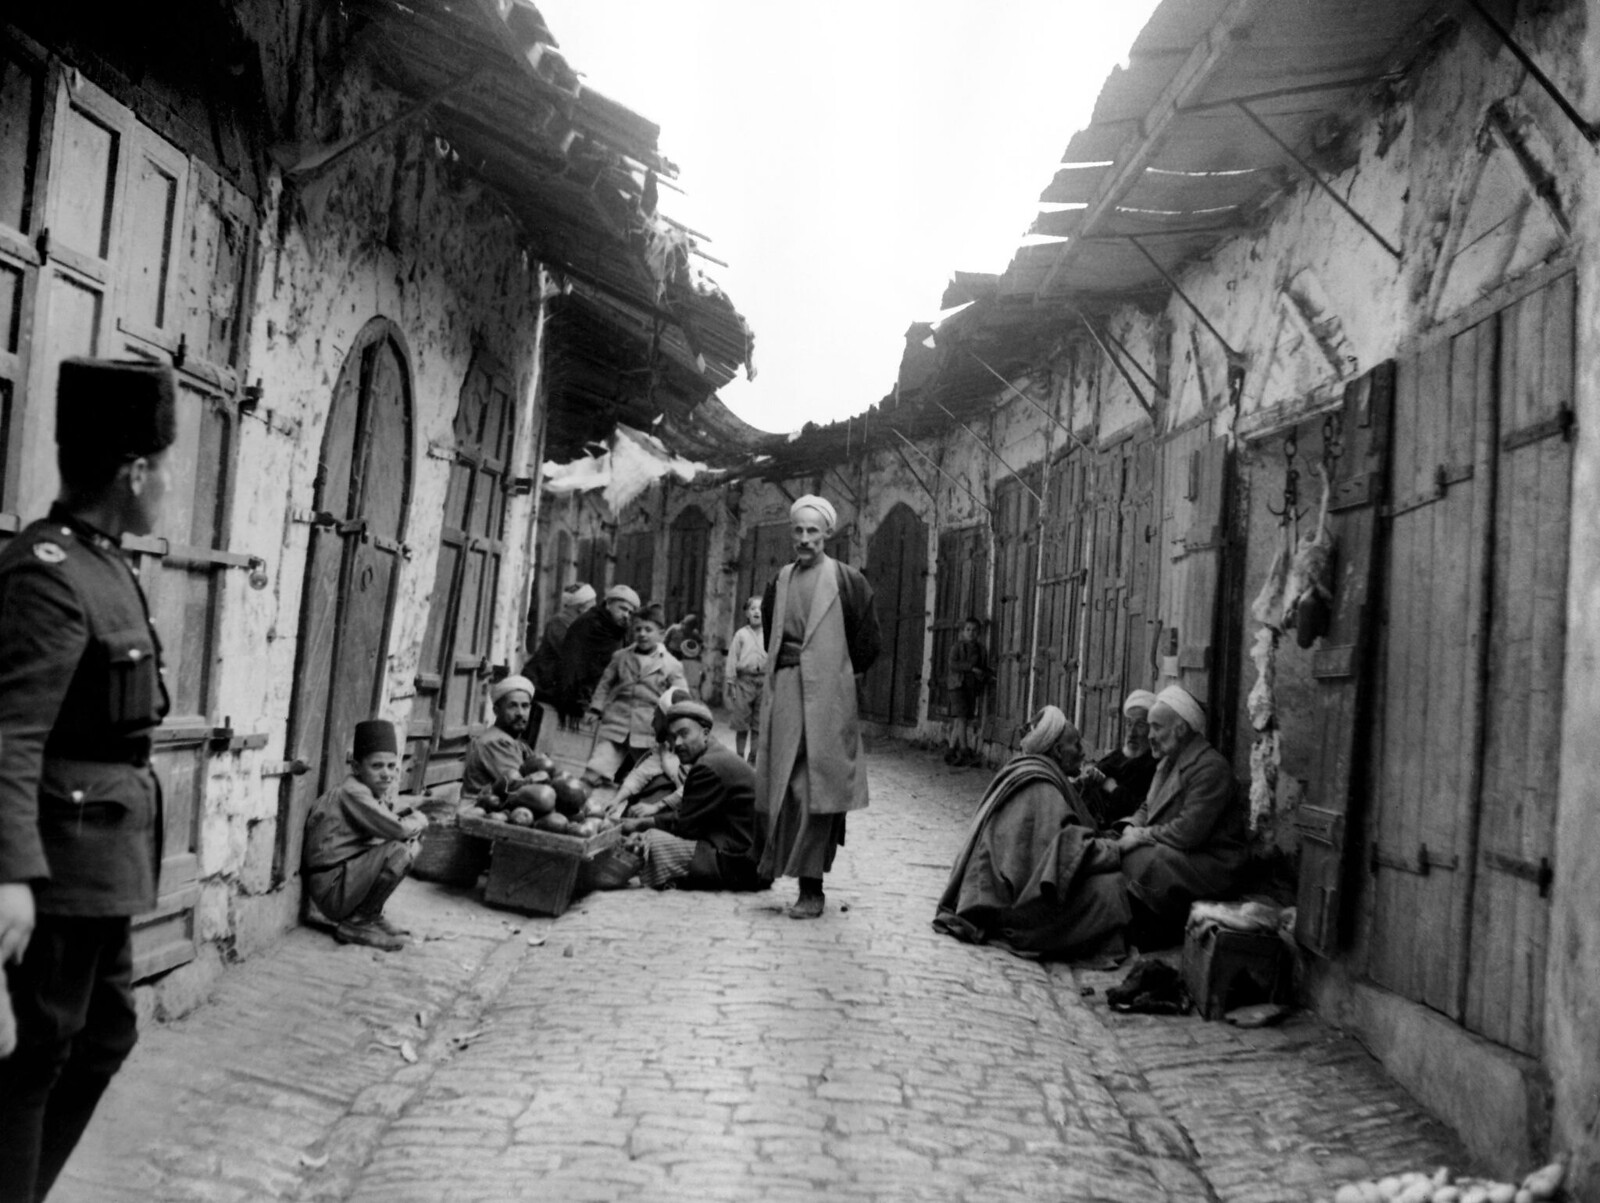 02. Арабы следят за полицейским на улице Хеврона, где магазины закрыты из-за забастовки во время арабского восстания